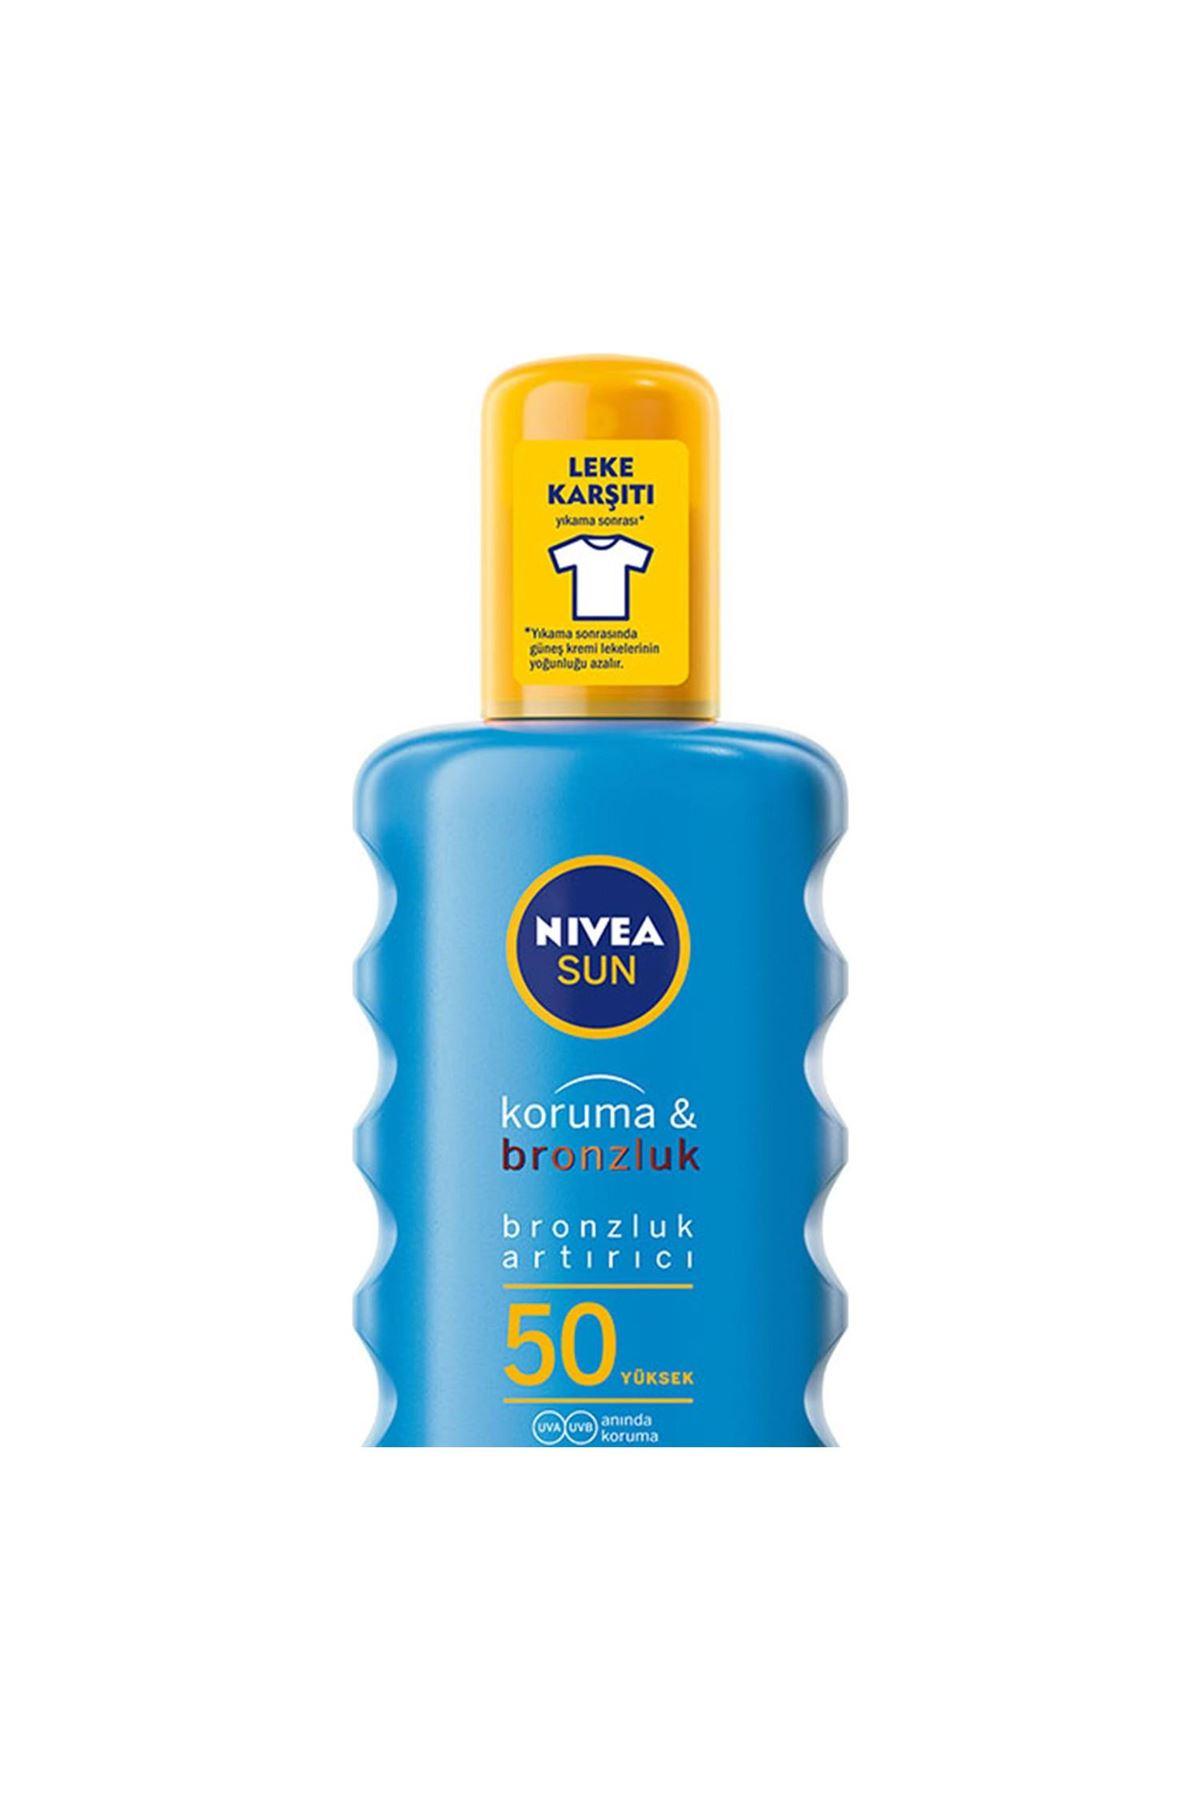 Nivea Sun Koruma Bronzluk Arttırıcı Güneş Spreyi Gkf50+ 200 ml